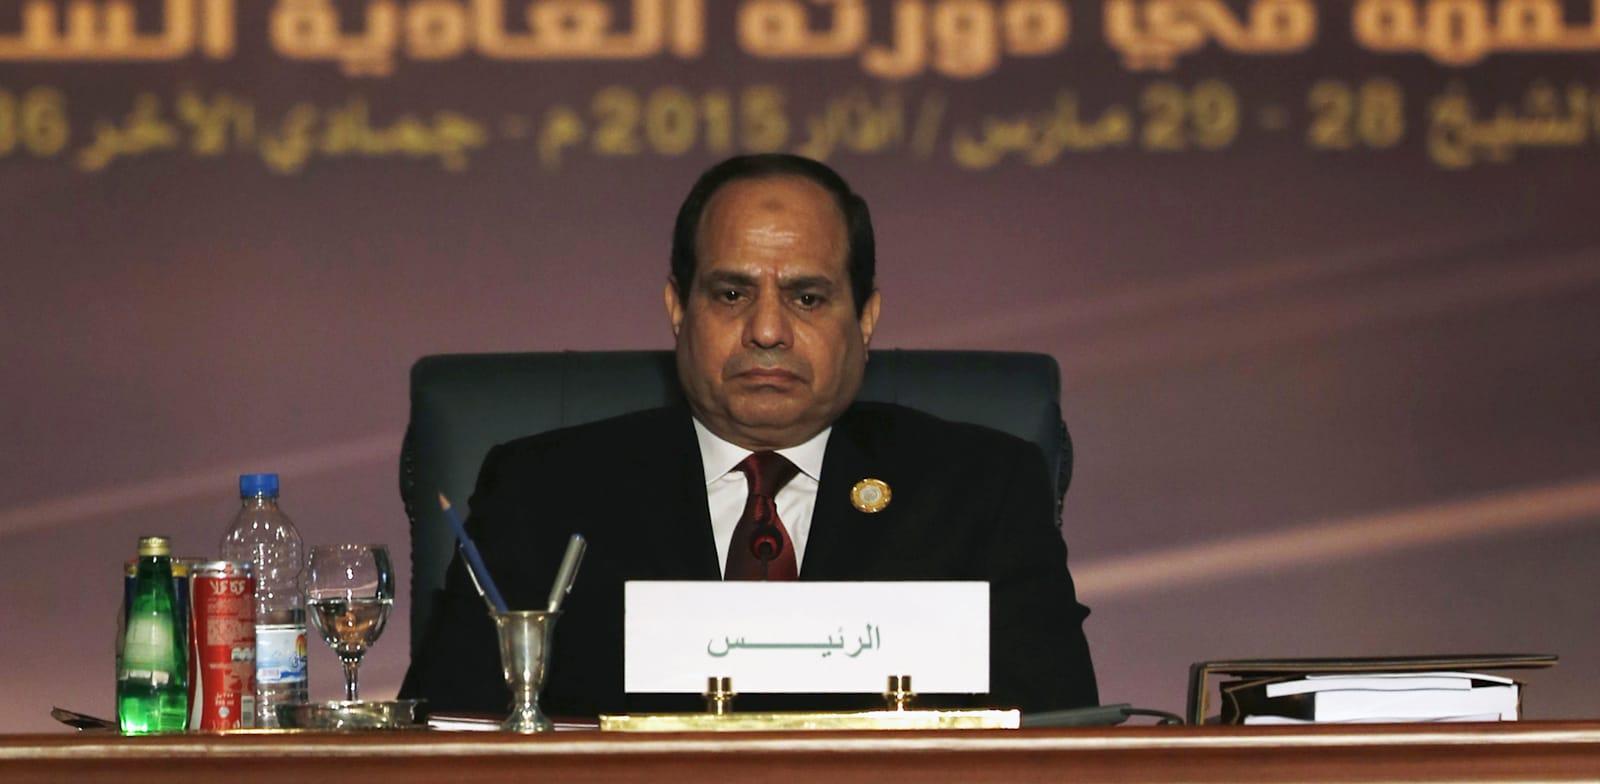 """עבד אל פתאח סעיד חוסיין ח'ליל א-סיסי, נשיא מצרים / צילום: יח""""צ"""